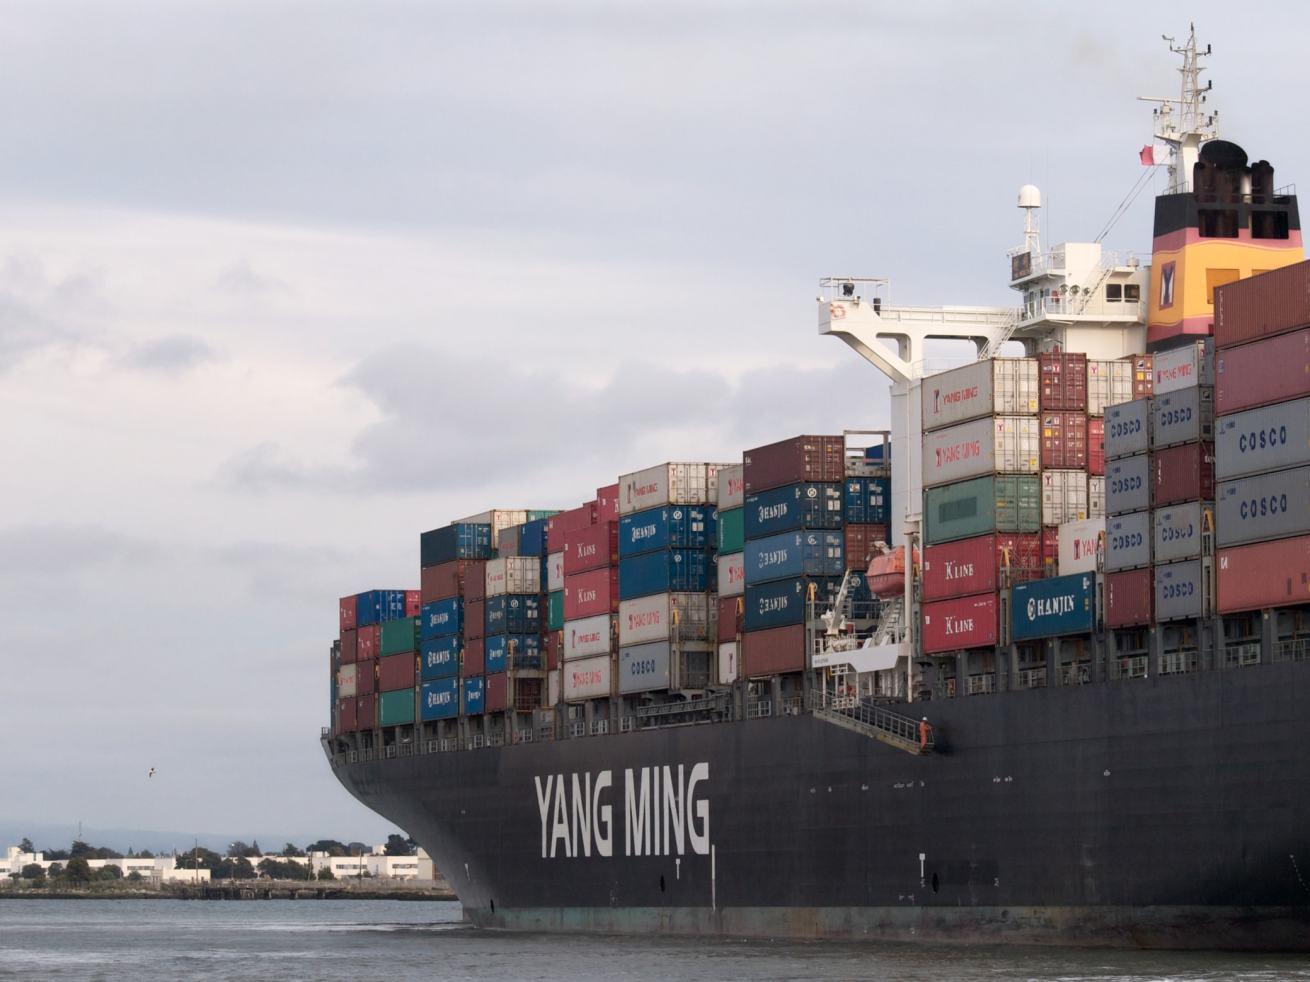 Tambores de guerra comercial